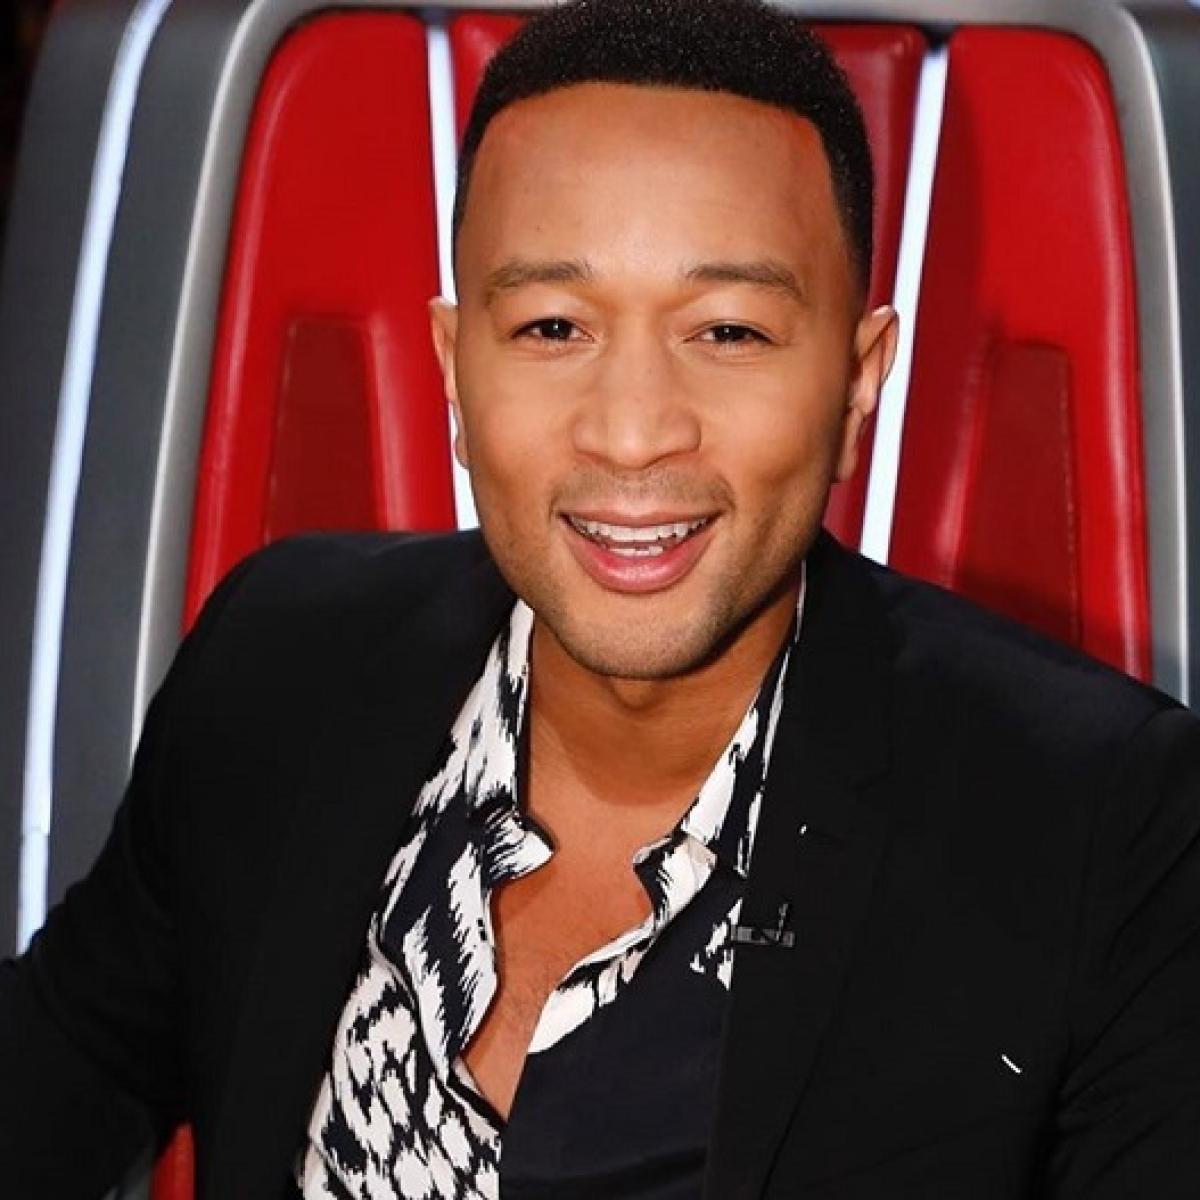 Singer John Legend turns chef amidst coronavirus lockdown